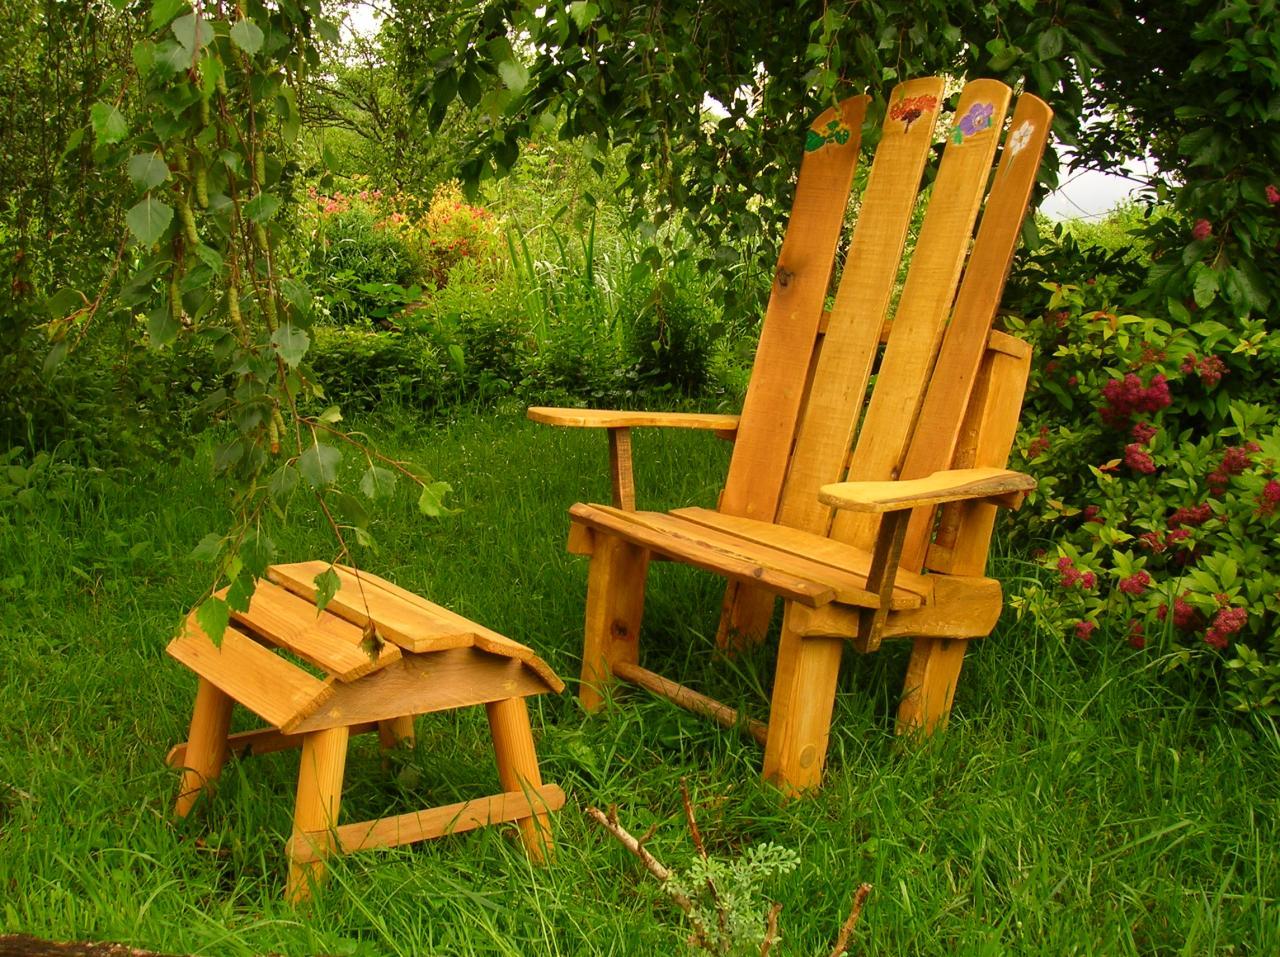 Hyl recycl cr ations en bois de palettes for Fabrication chaise en bois de palette